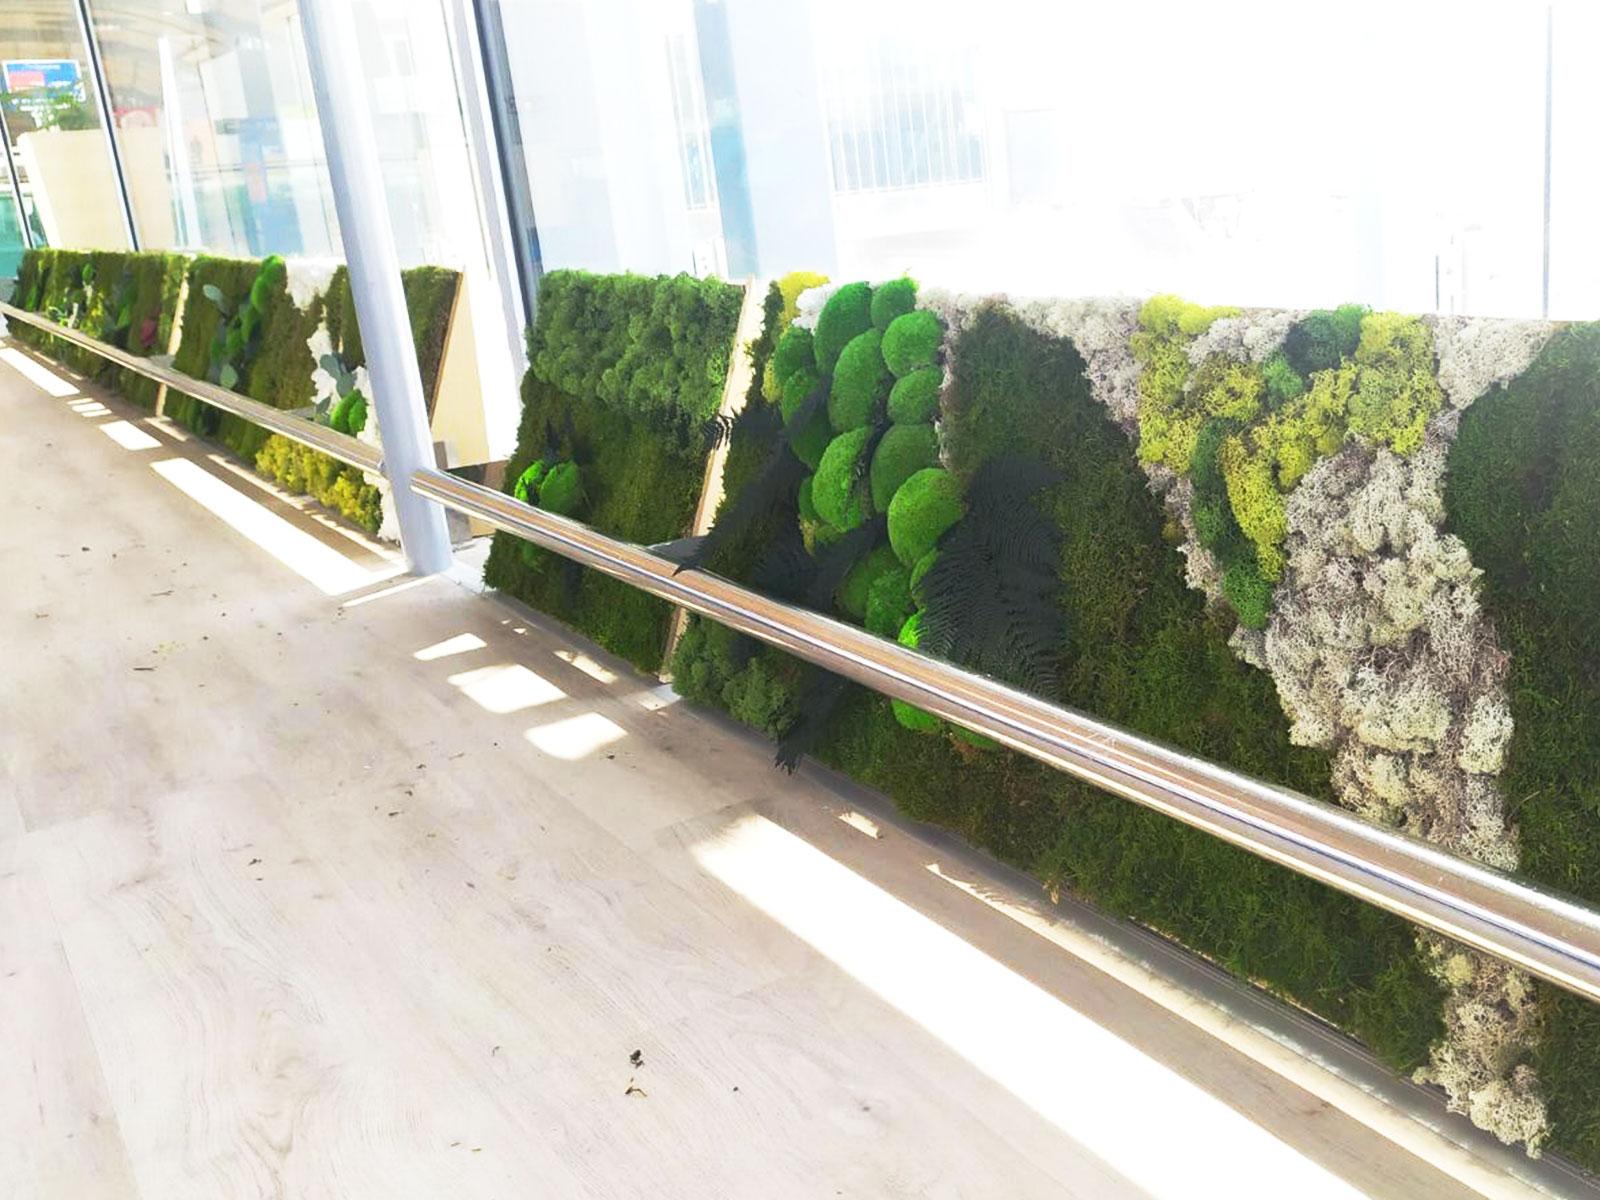 Jardin vertical en Aeropuerto de Alicante - Elche